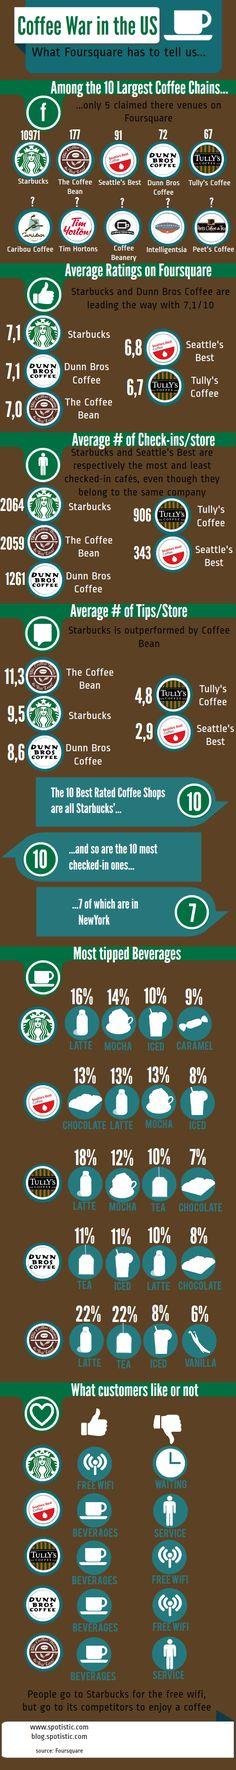 Kavárenské řetězce v USA na 4sq